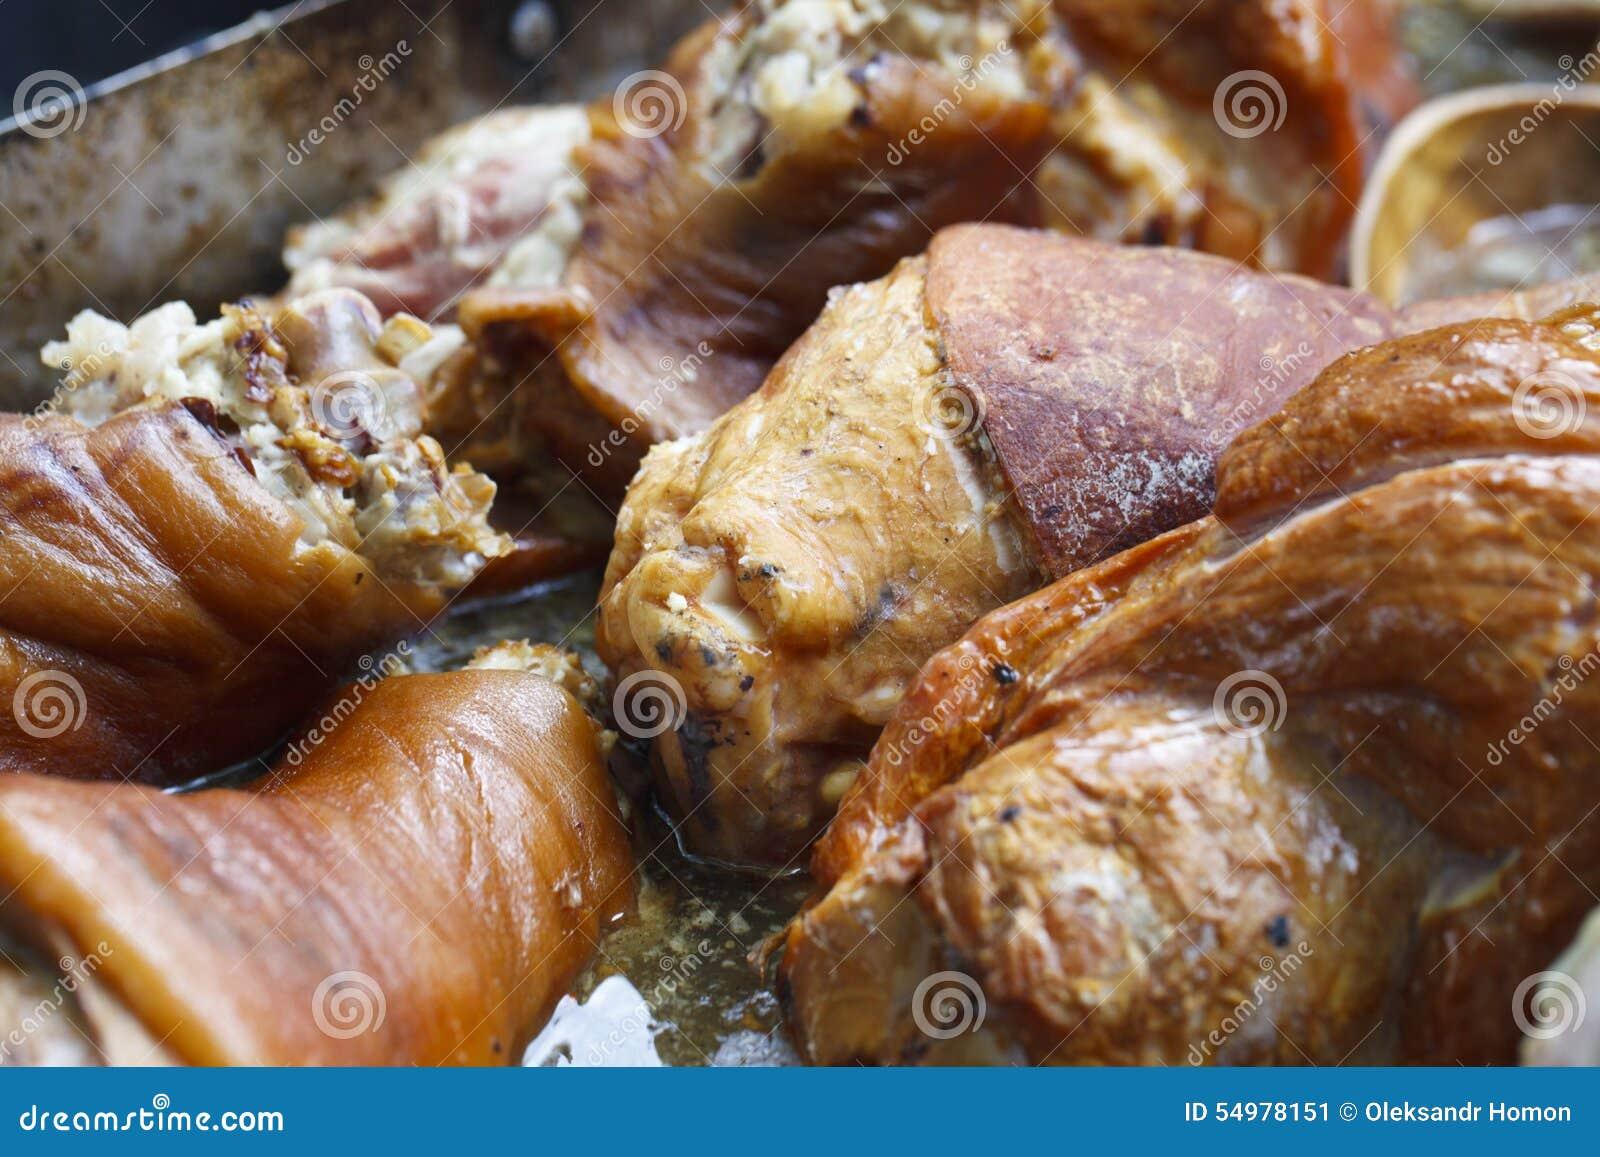 Pedazos de carne jugosos en aceite